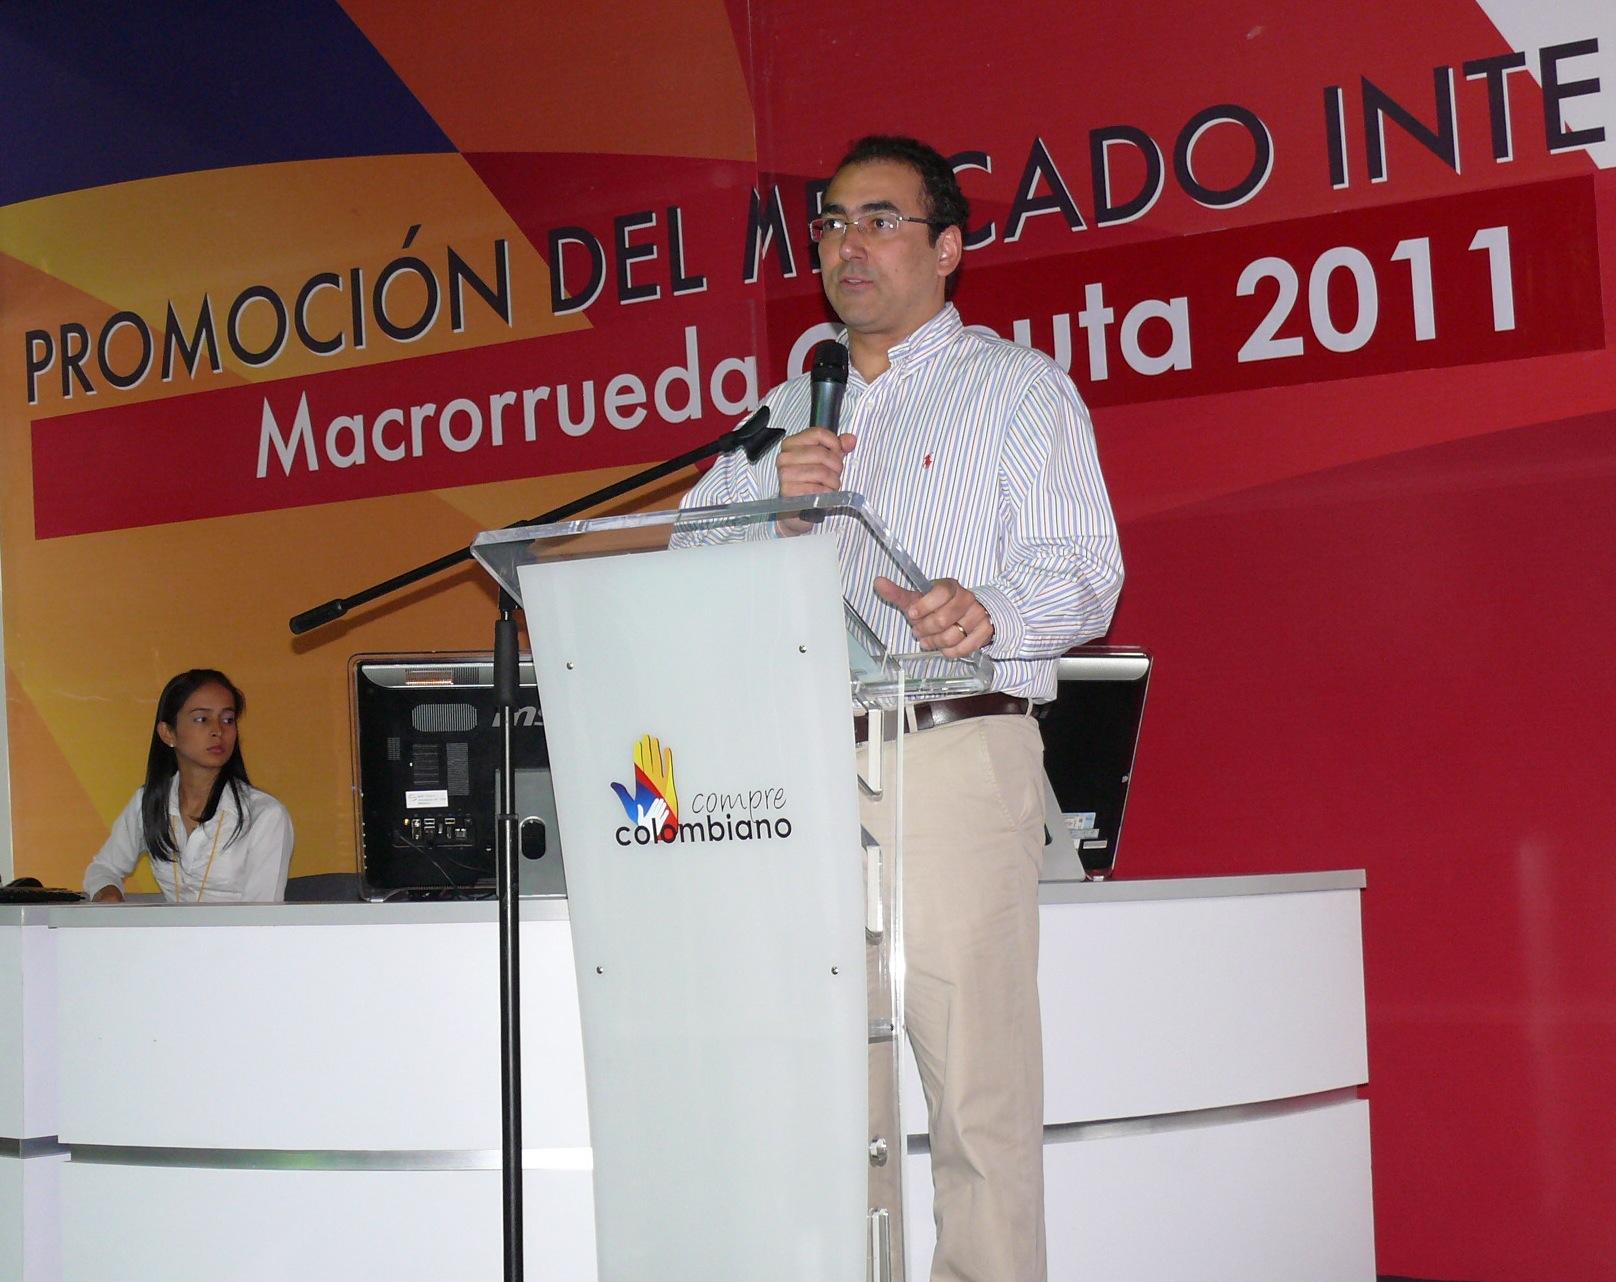 Parte De Éxito En Macrorrueda De Negocios De Cúcuta Da El Ministro Díaz-Granados